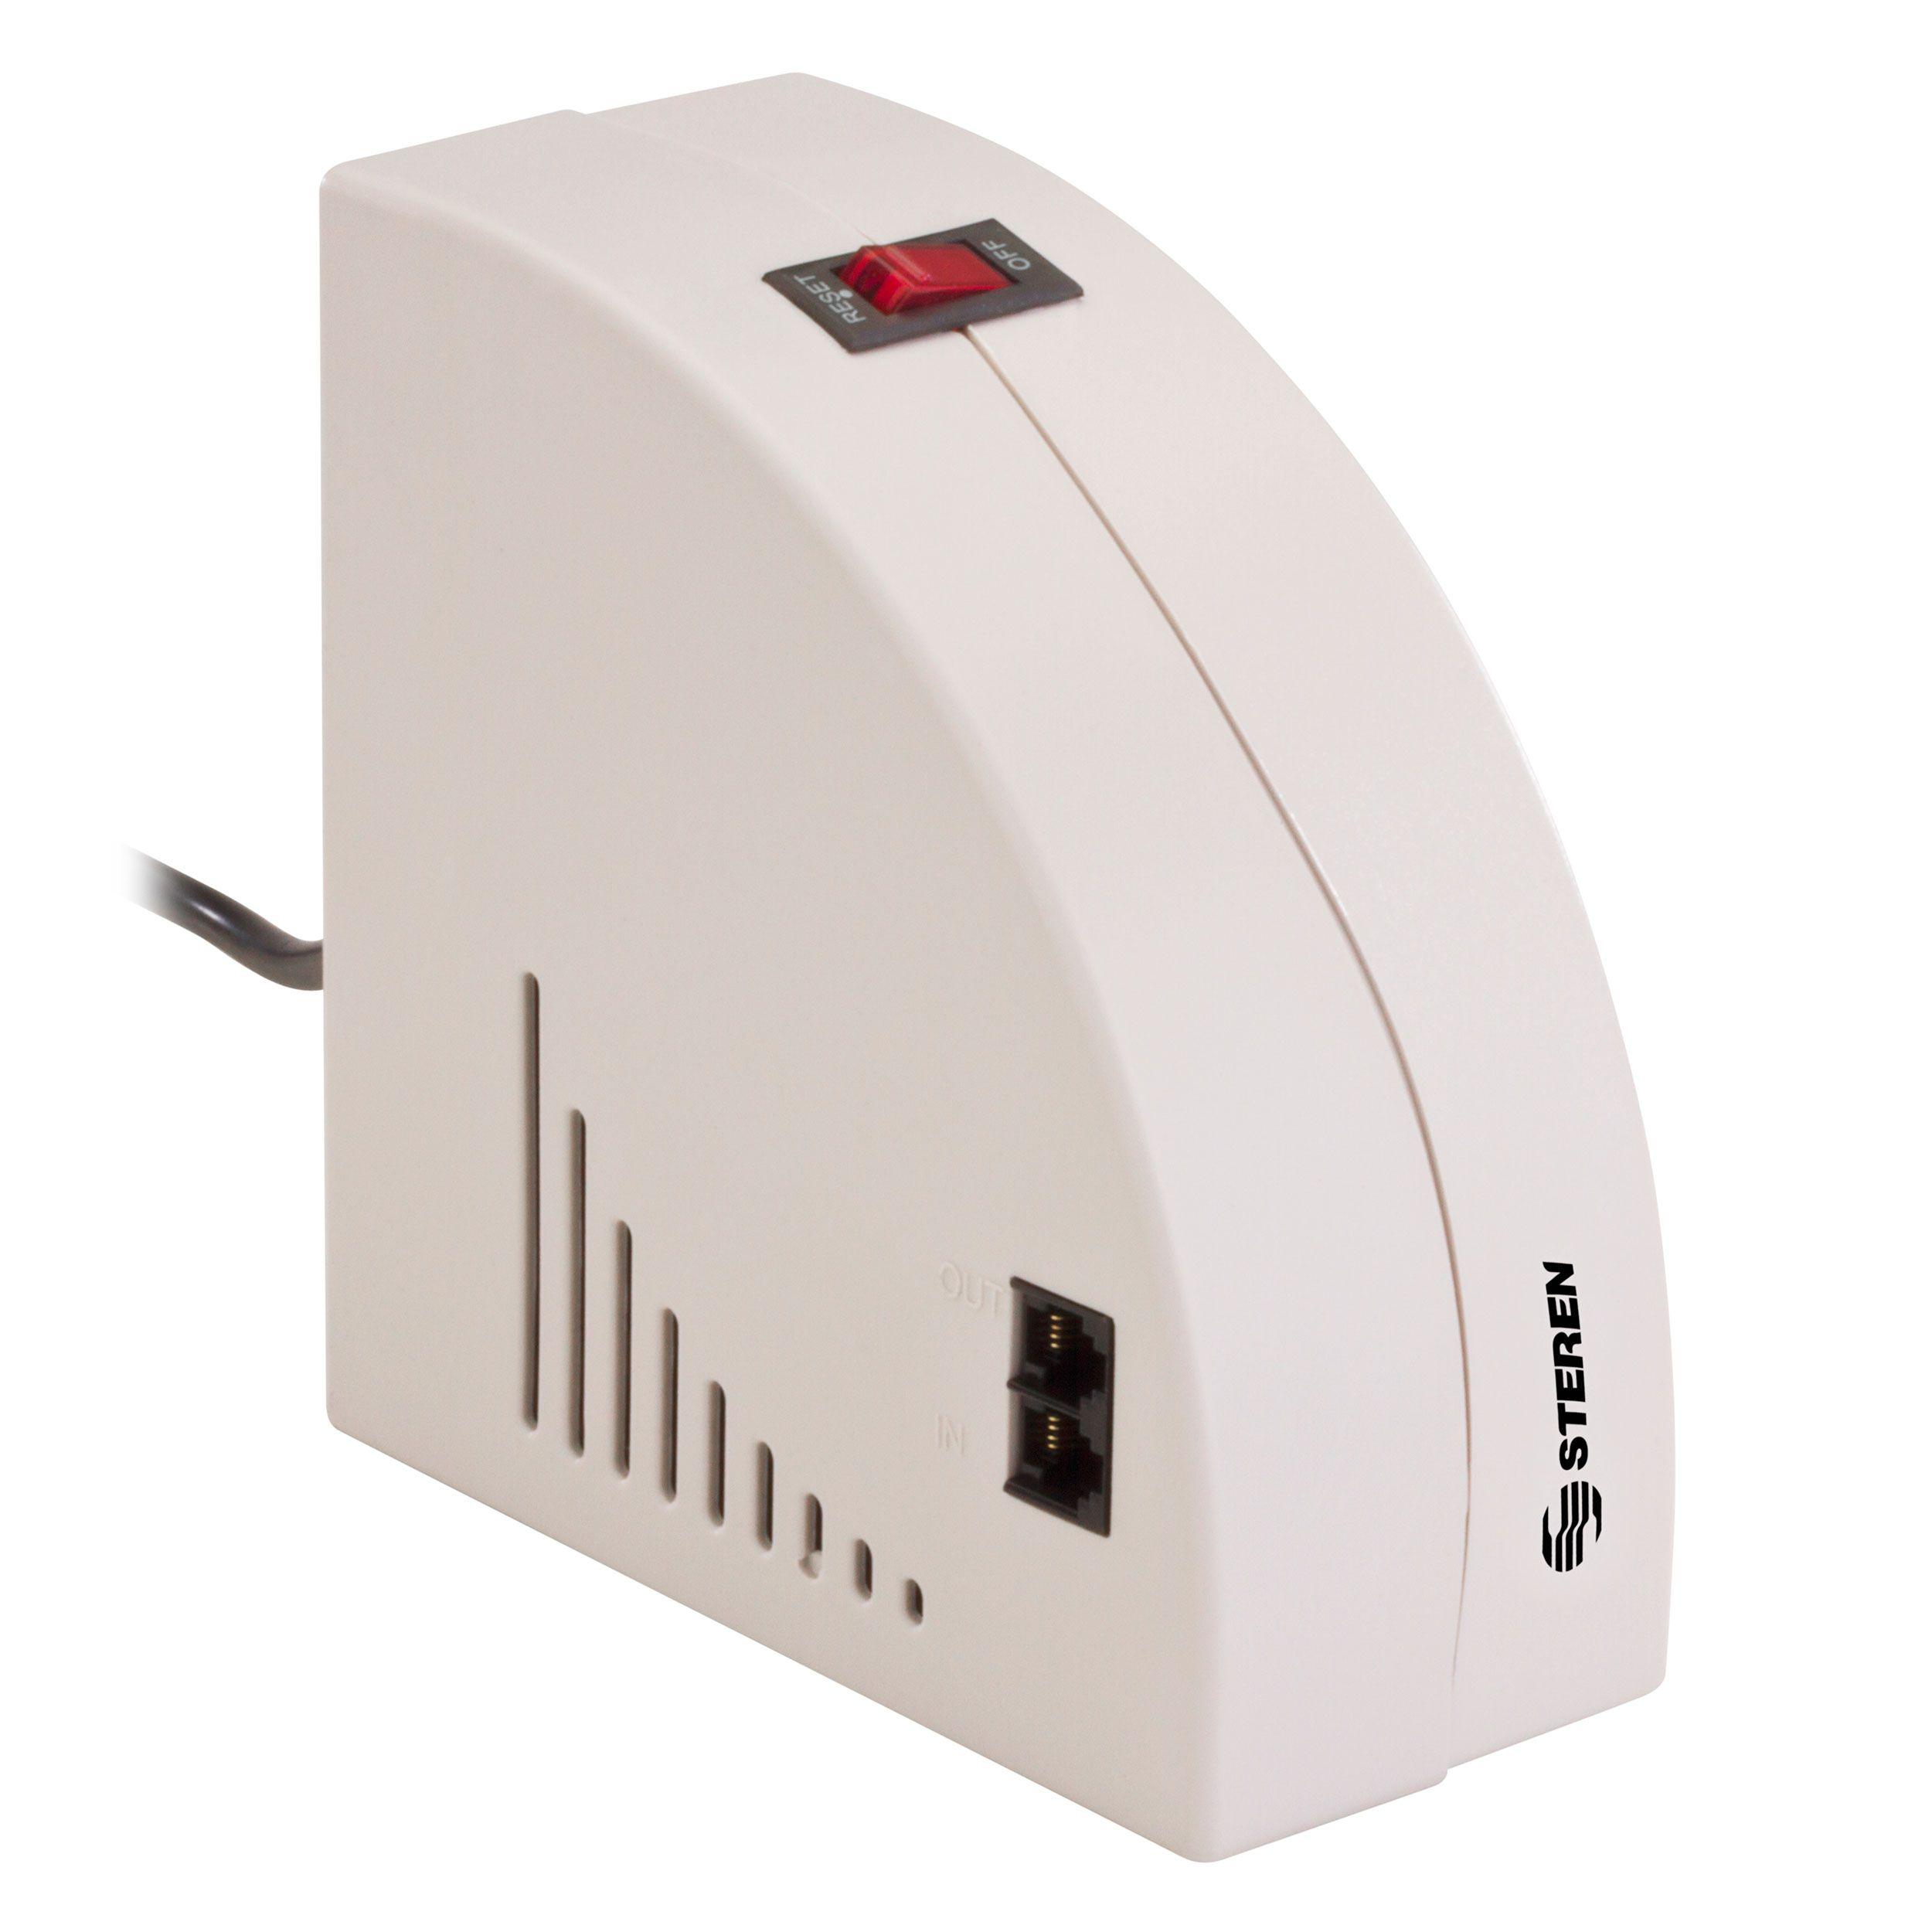 regulador-de-voltaje-1000-w-compacto.jpg